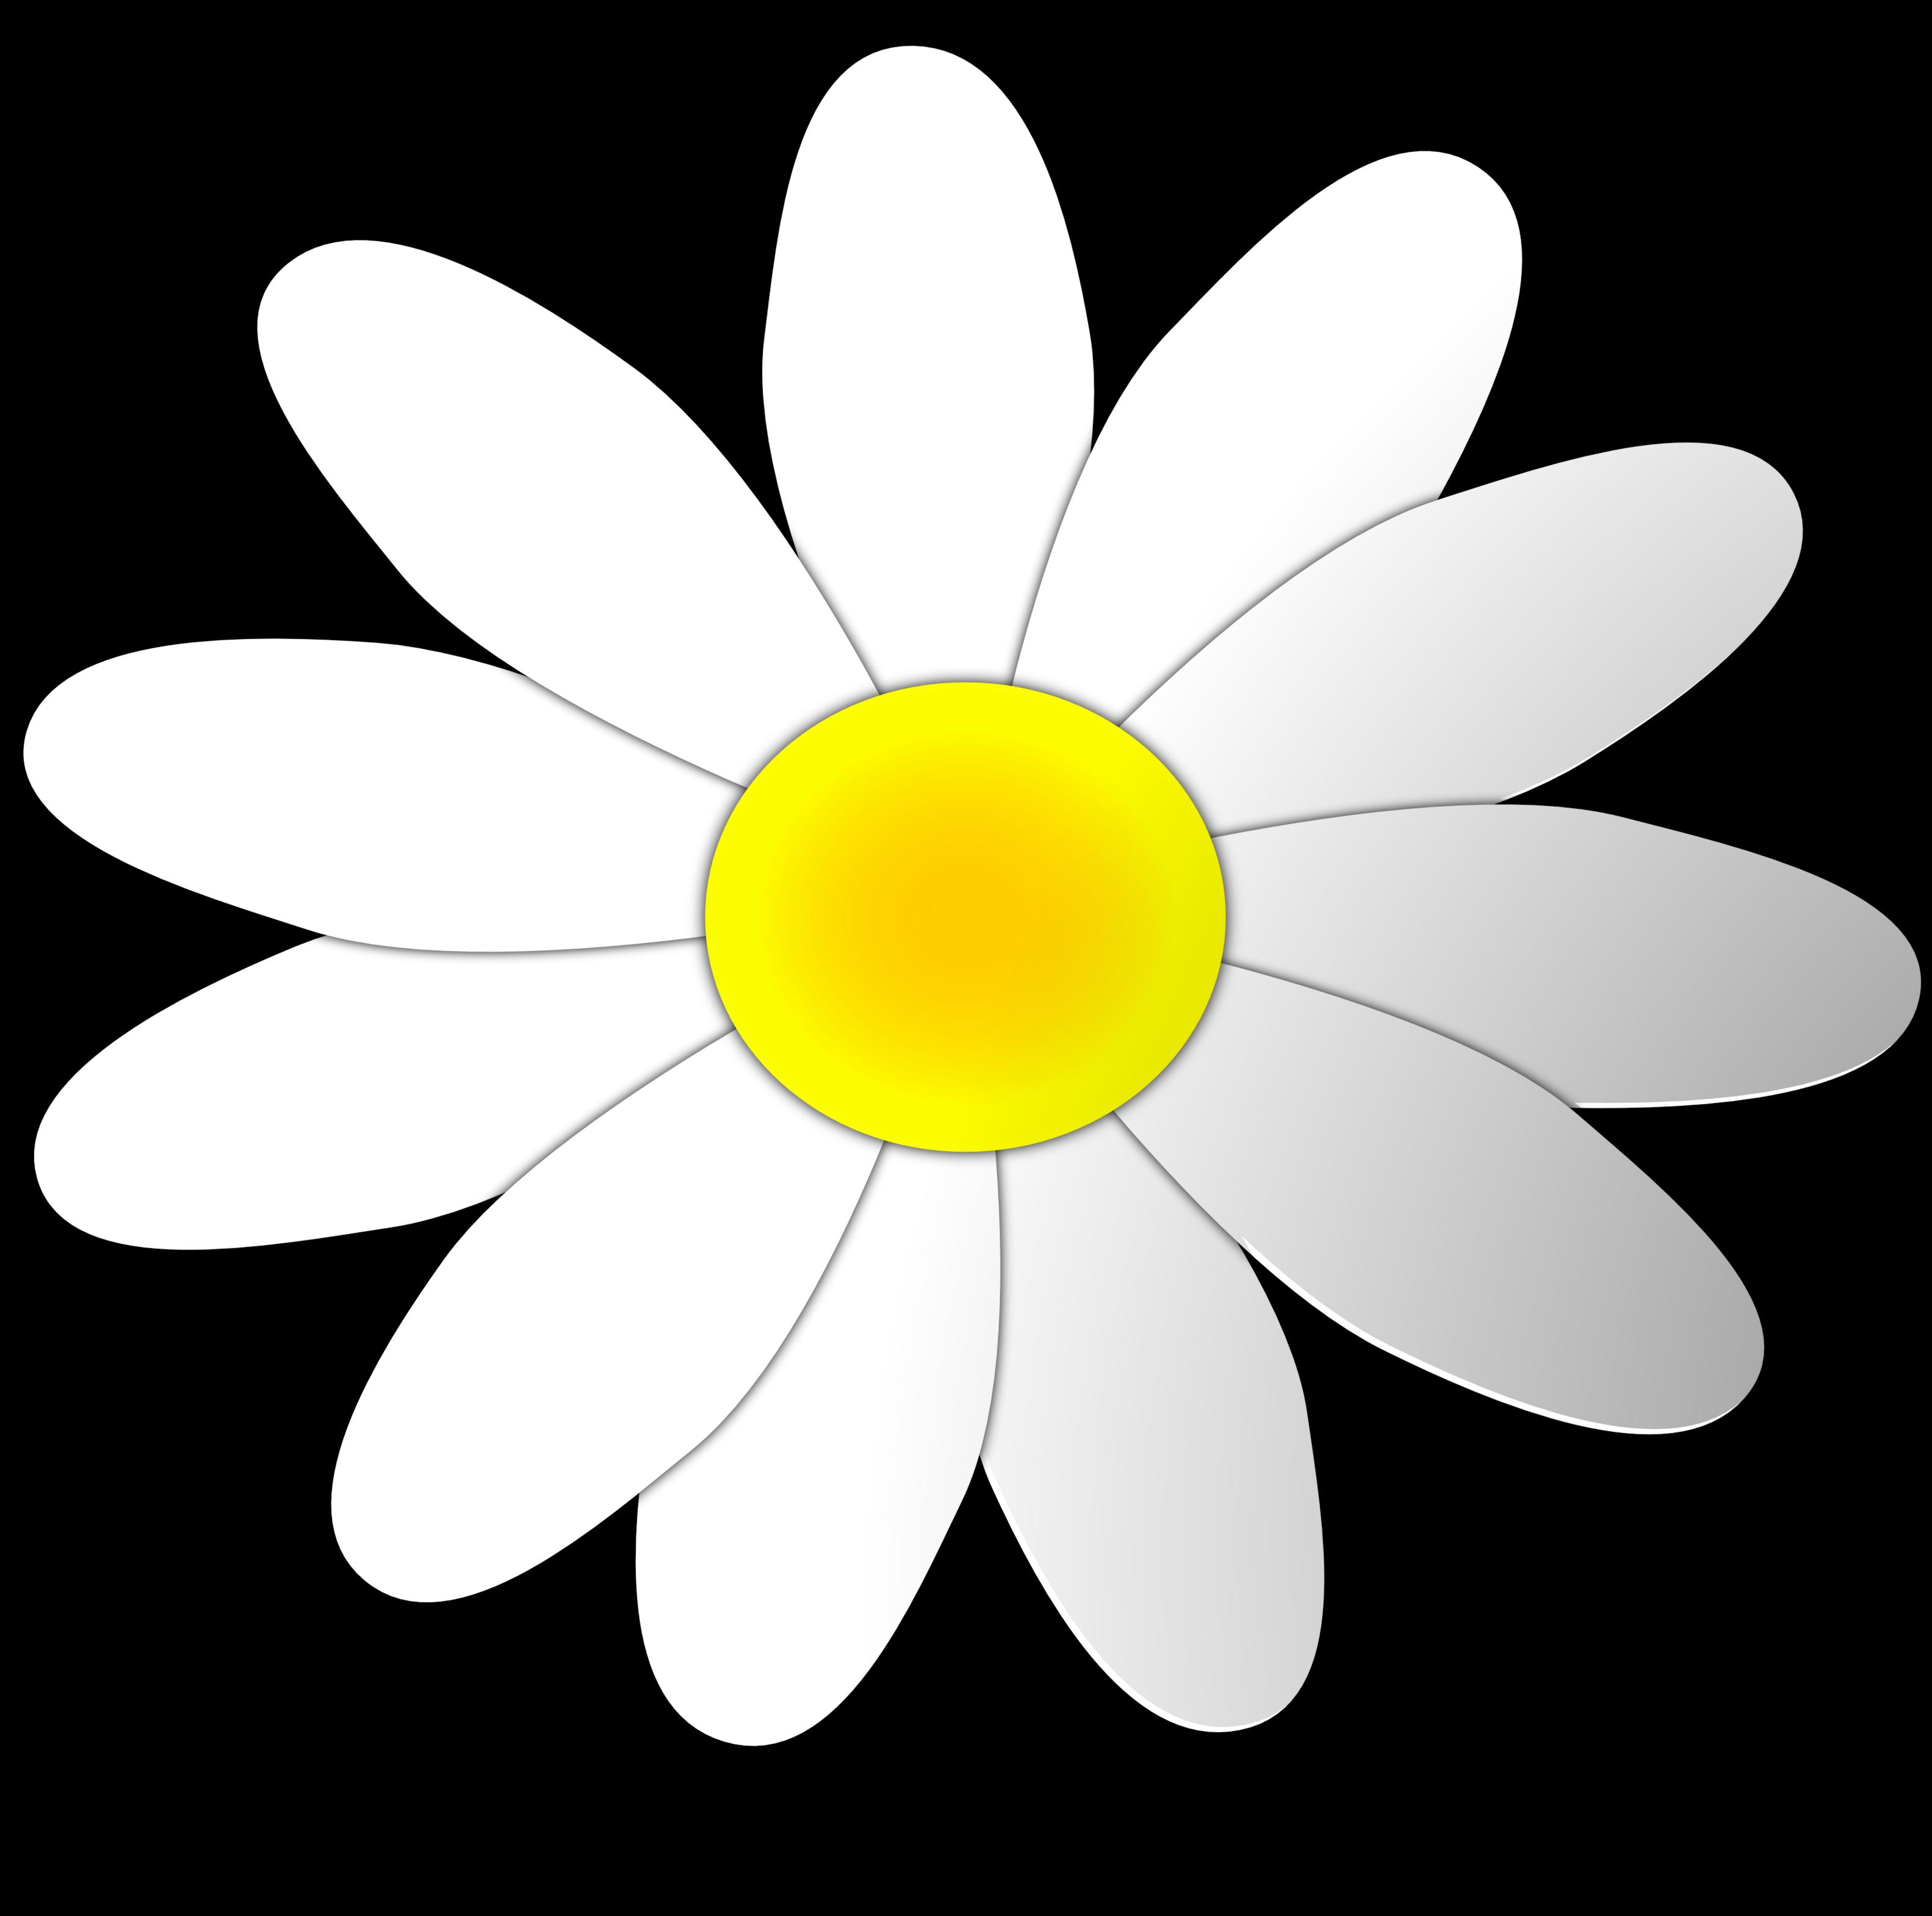 Daisy Flower Clipart. Valentine Daisy Fl-Daisy Flower Clipart. Valentine Daisy Flower 8 SVG-13